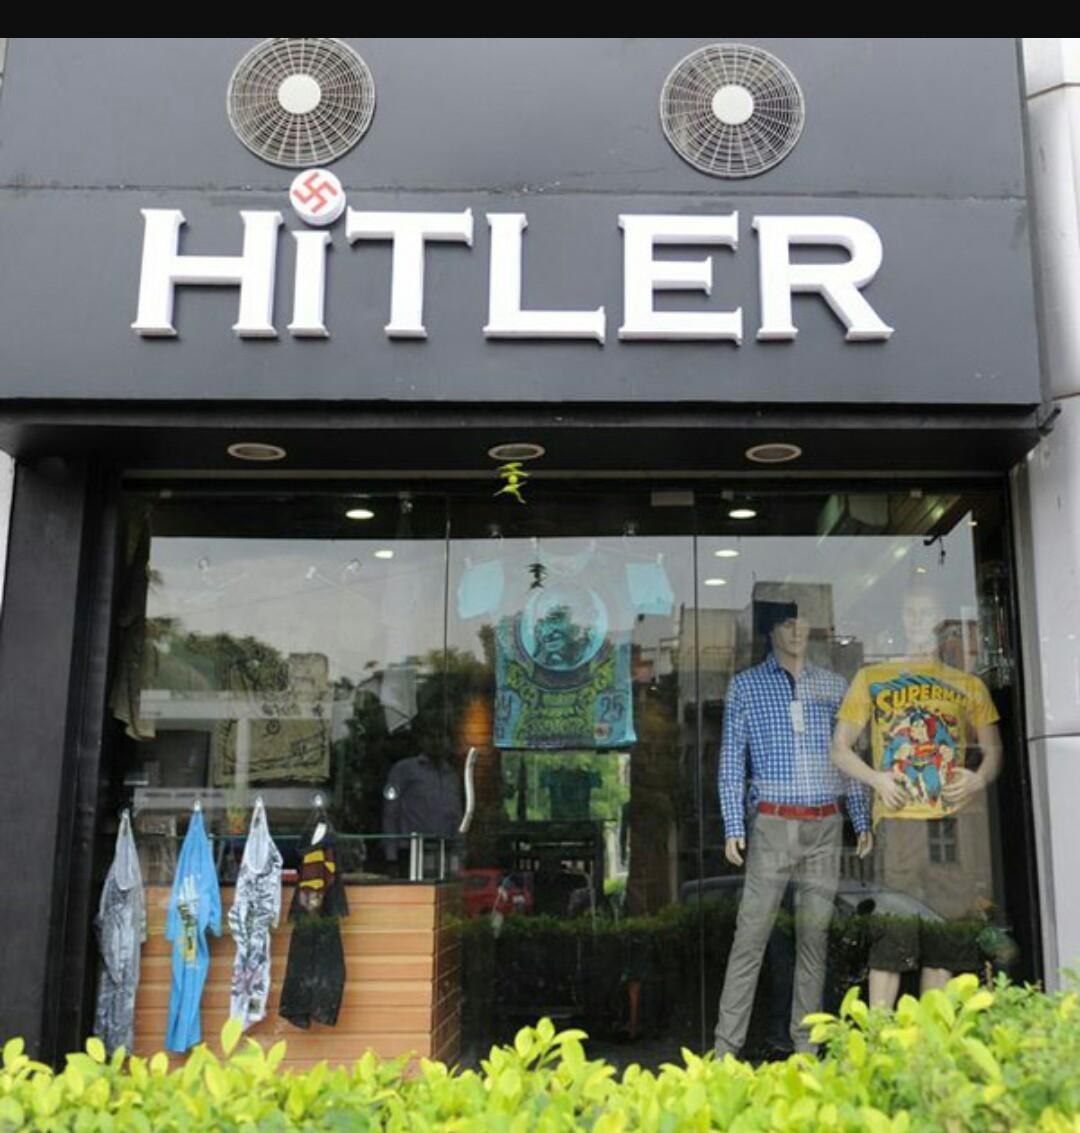 Ils supportent toujours pas les juifs à ce que je vois...